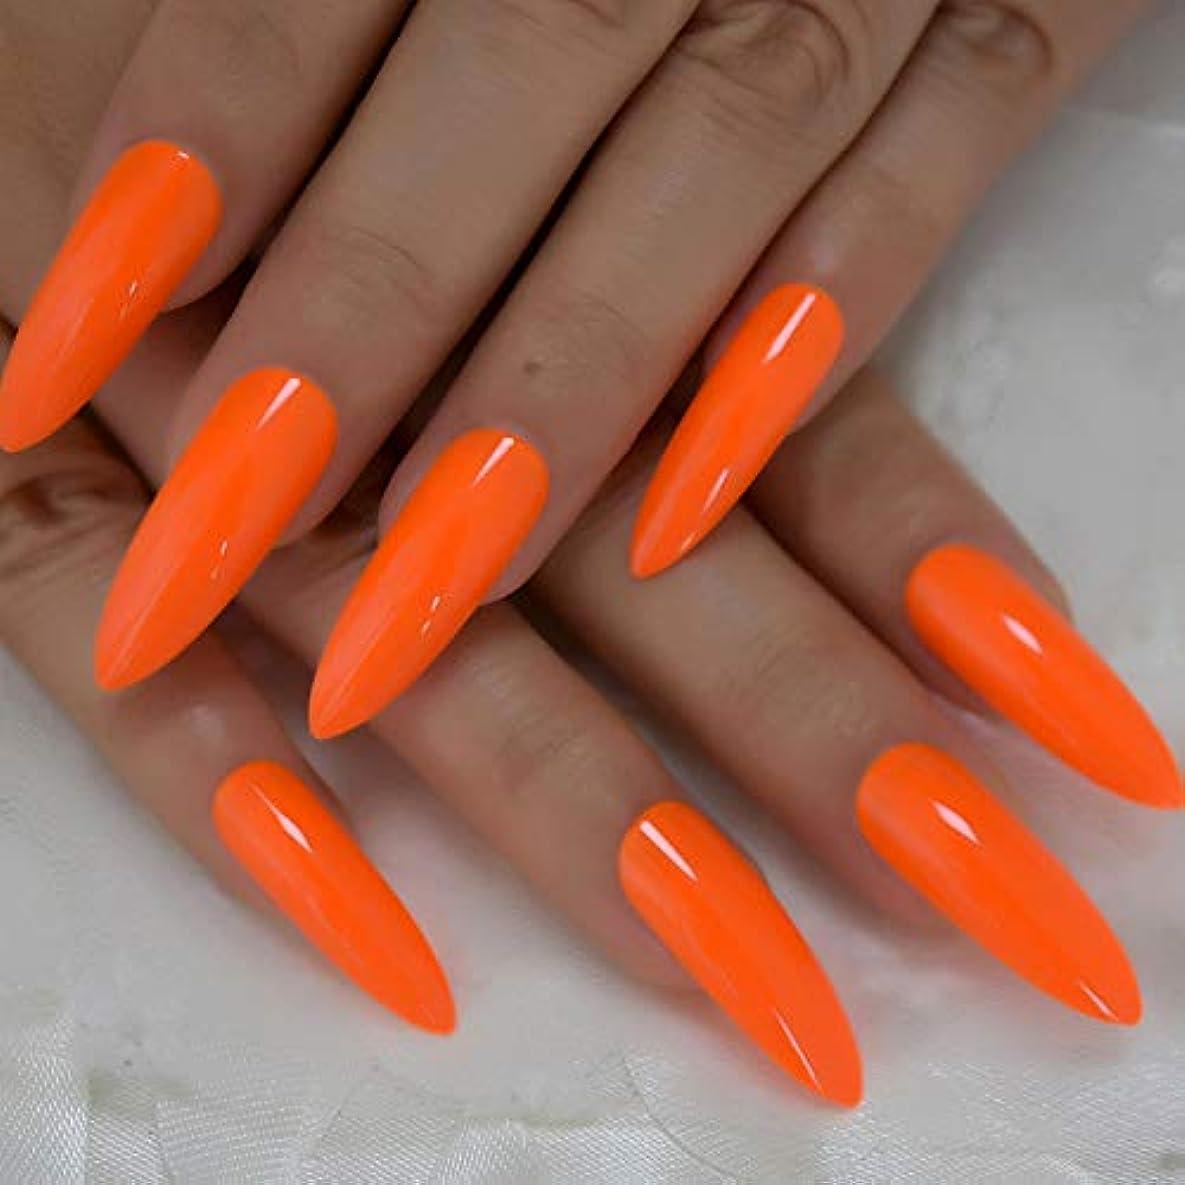 必要とする個人不可能なXUTXZKA 偽の爪爪のデコレーションマニキュアのヒントの非常に長いオレンジ色の光沢のあるプレス爪24